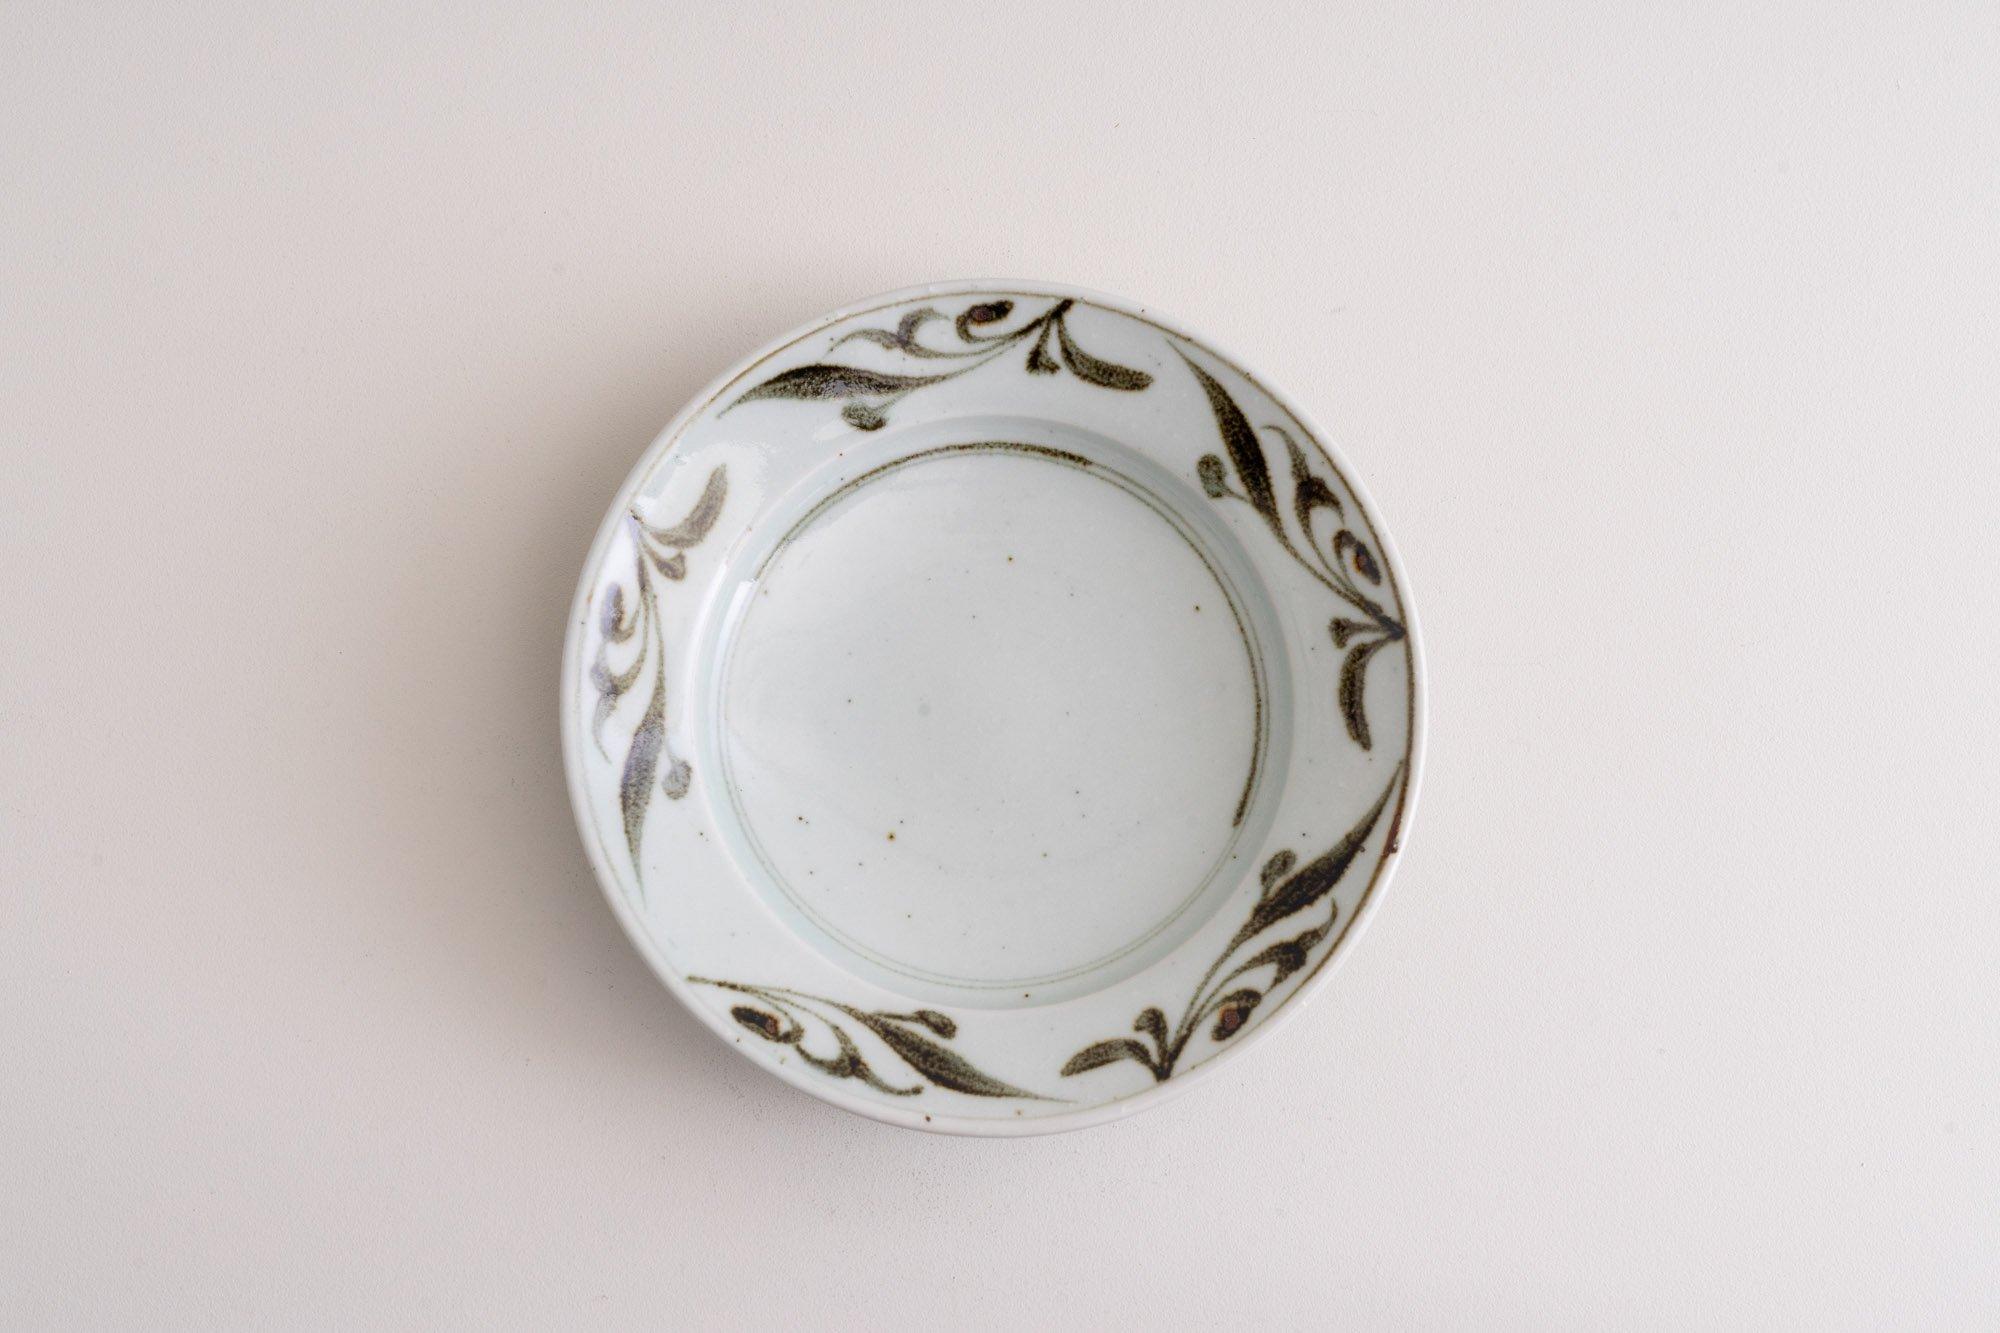 6寸リム皿(鉄釉ペルシャ)